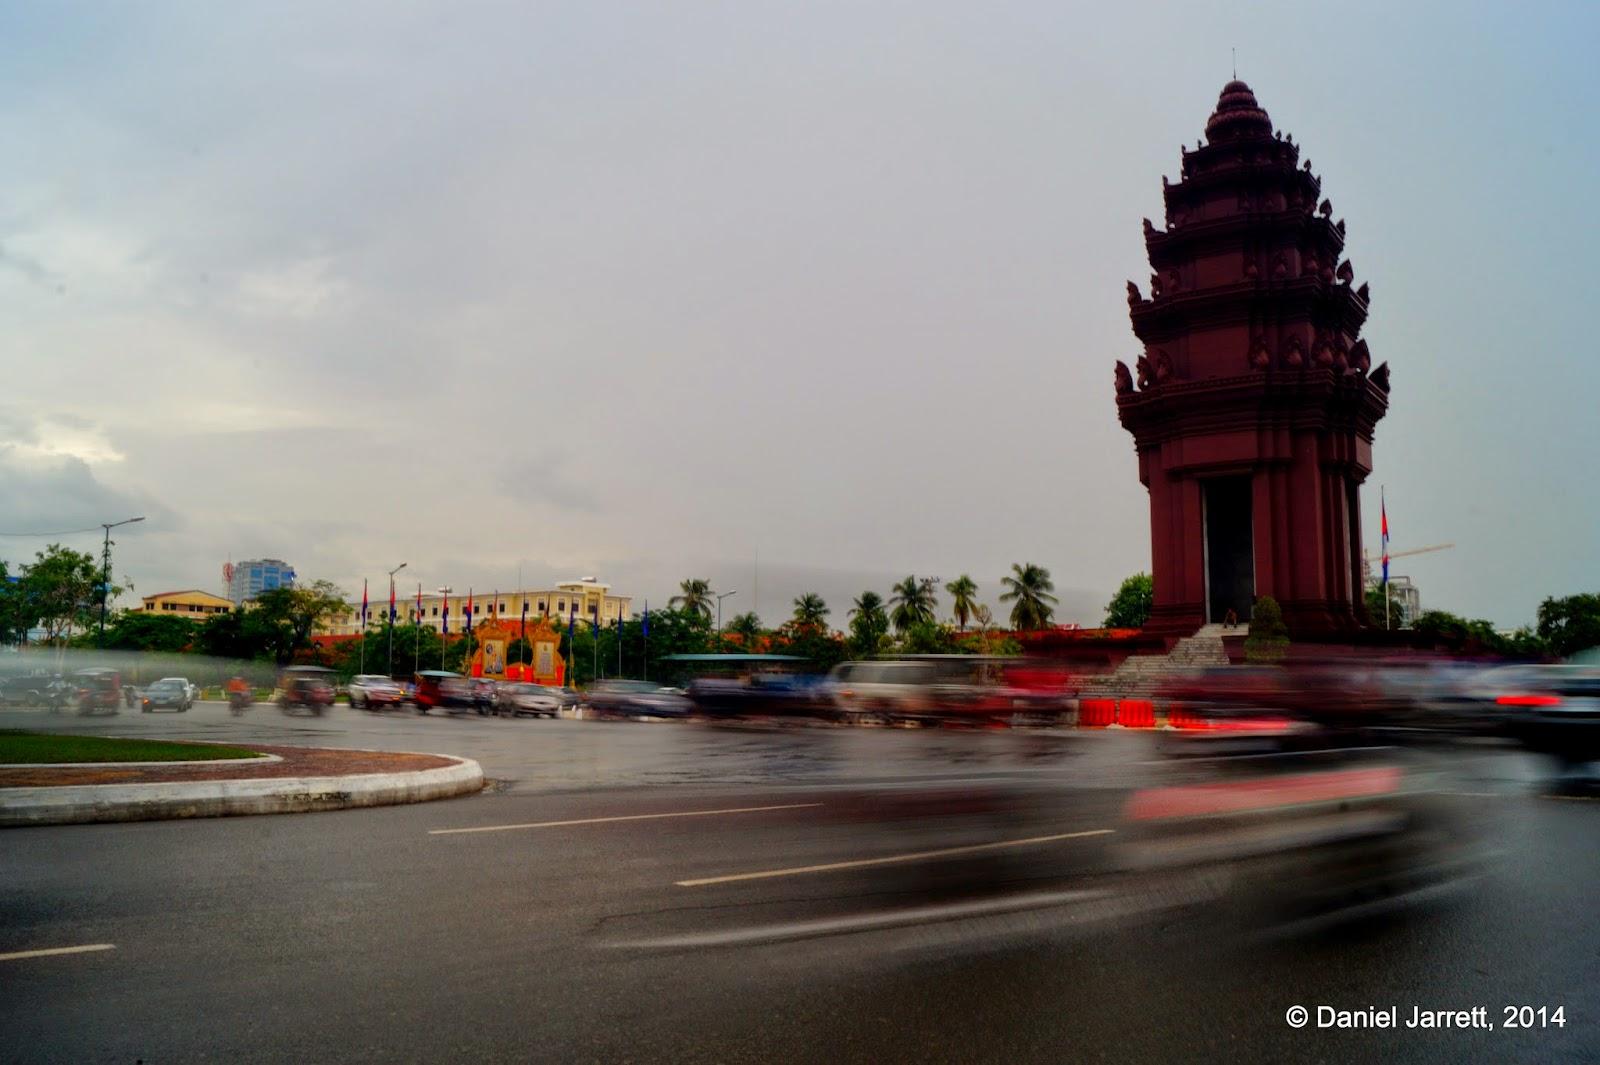 Independent Monument, Phnom Penh, Cambodia